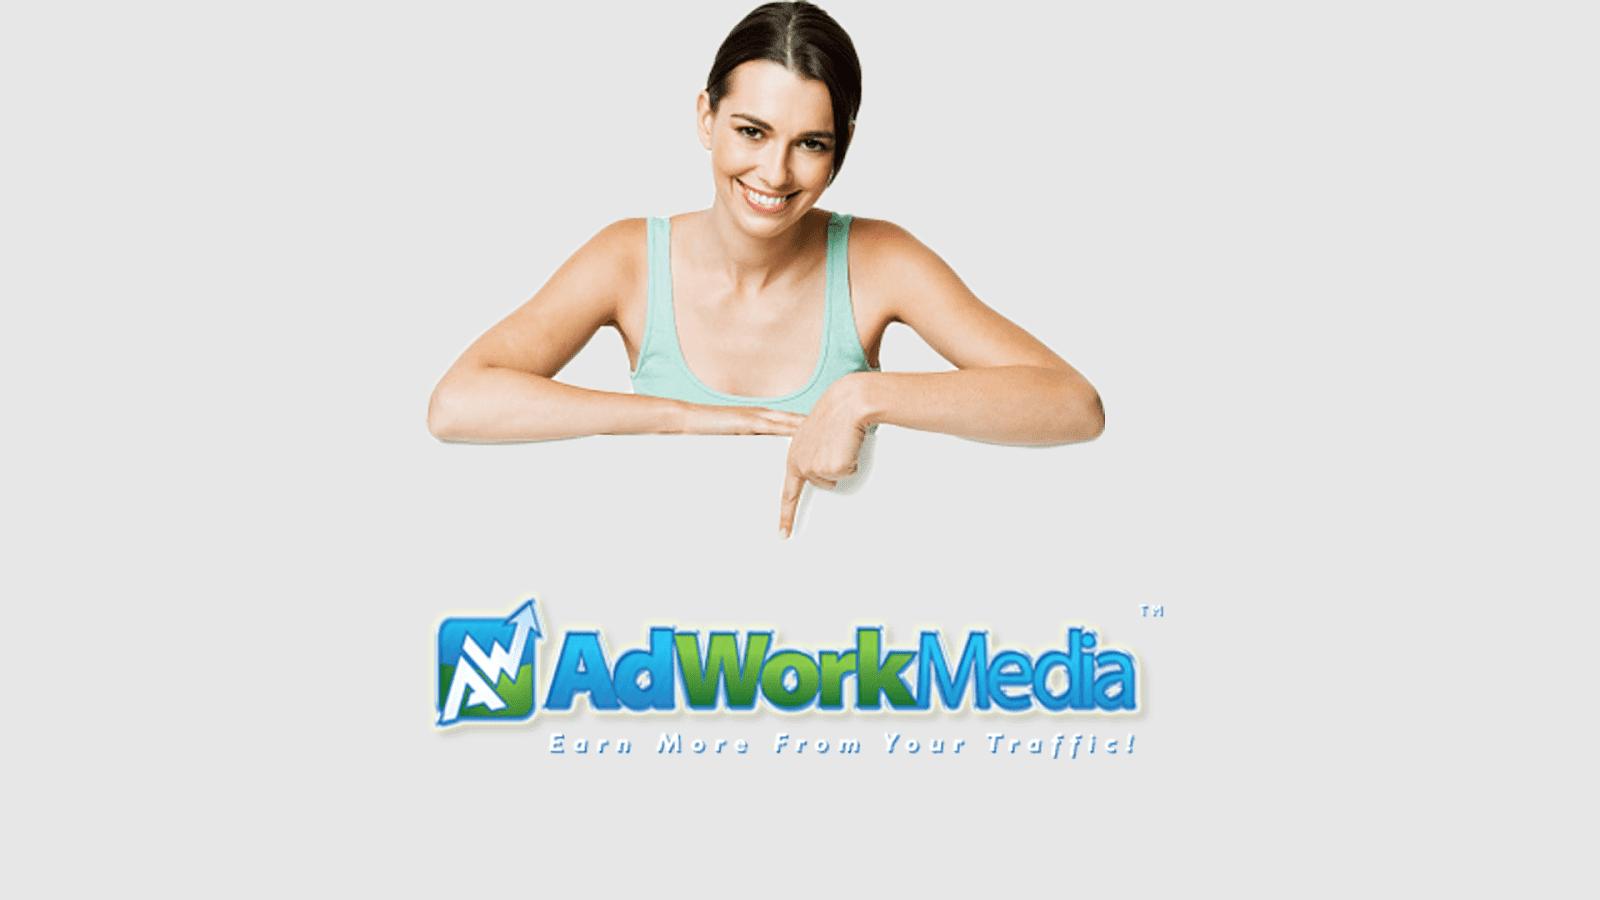 شركة Adworkmedia